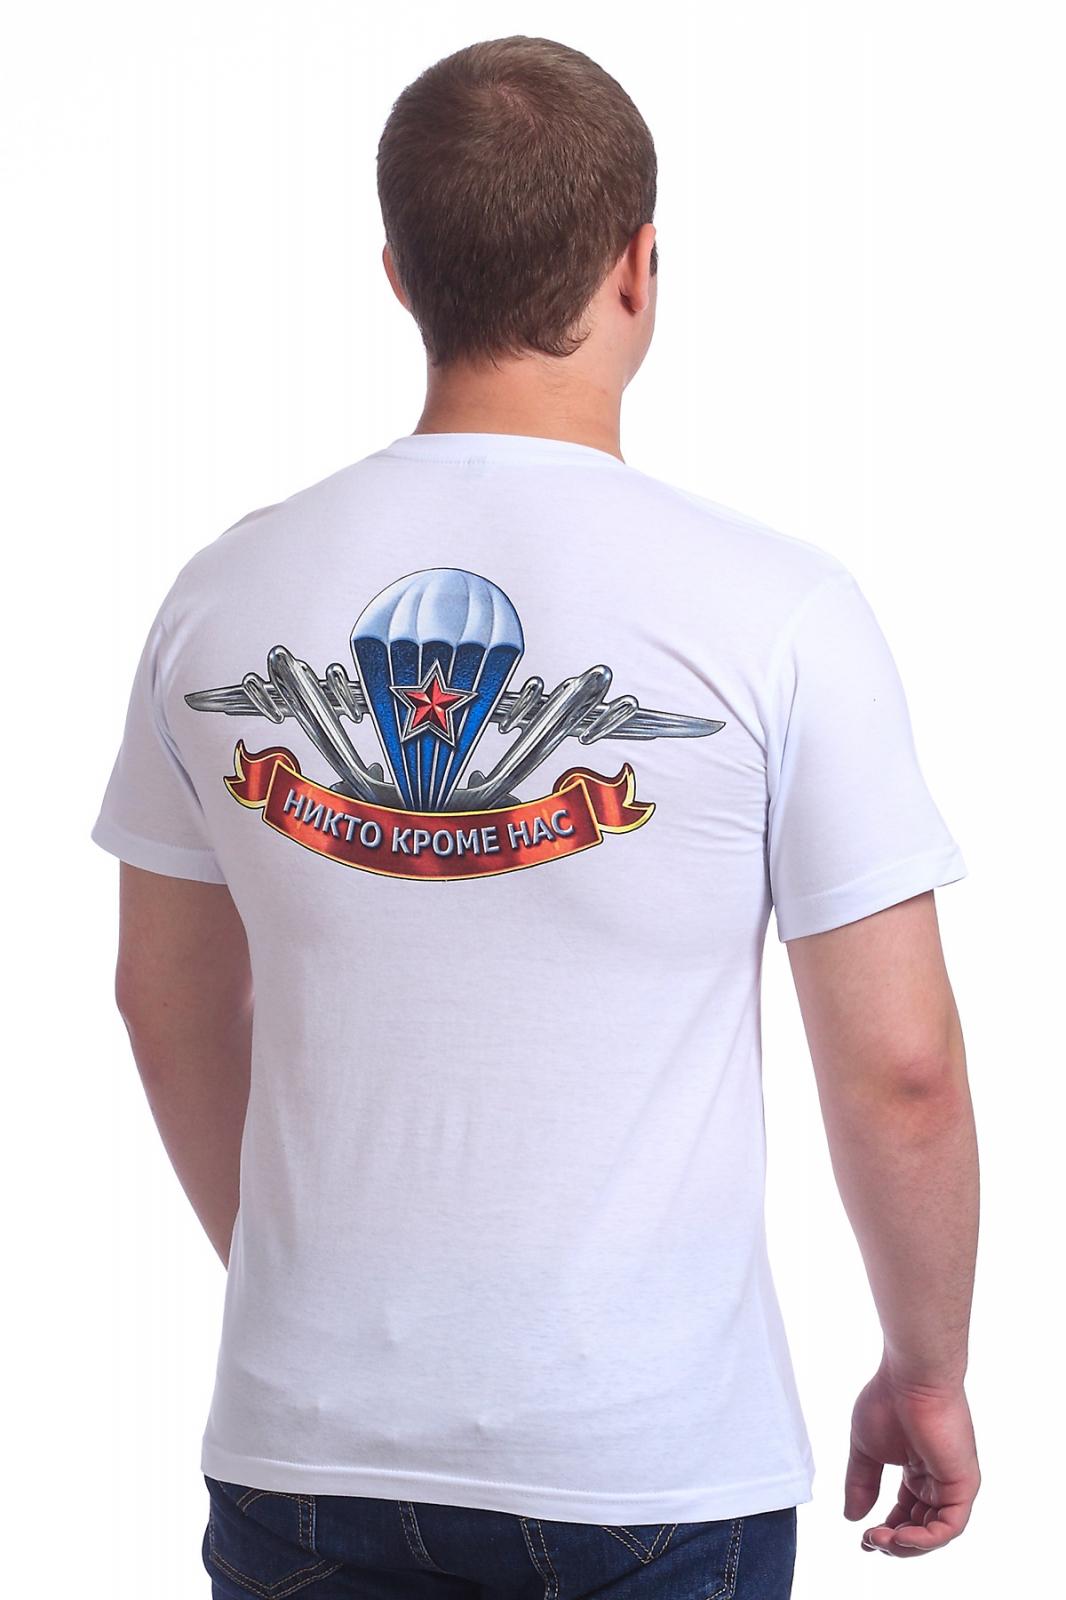 Купить футболки ВДВ